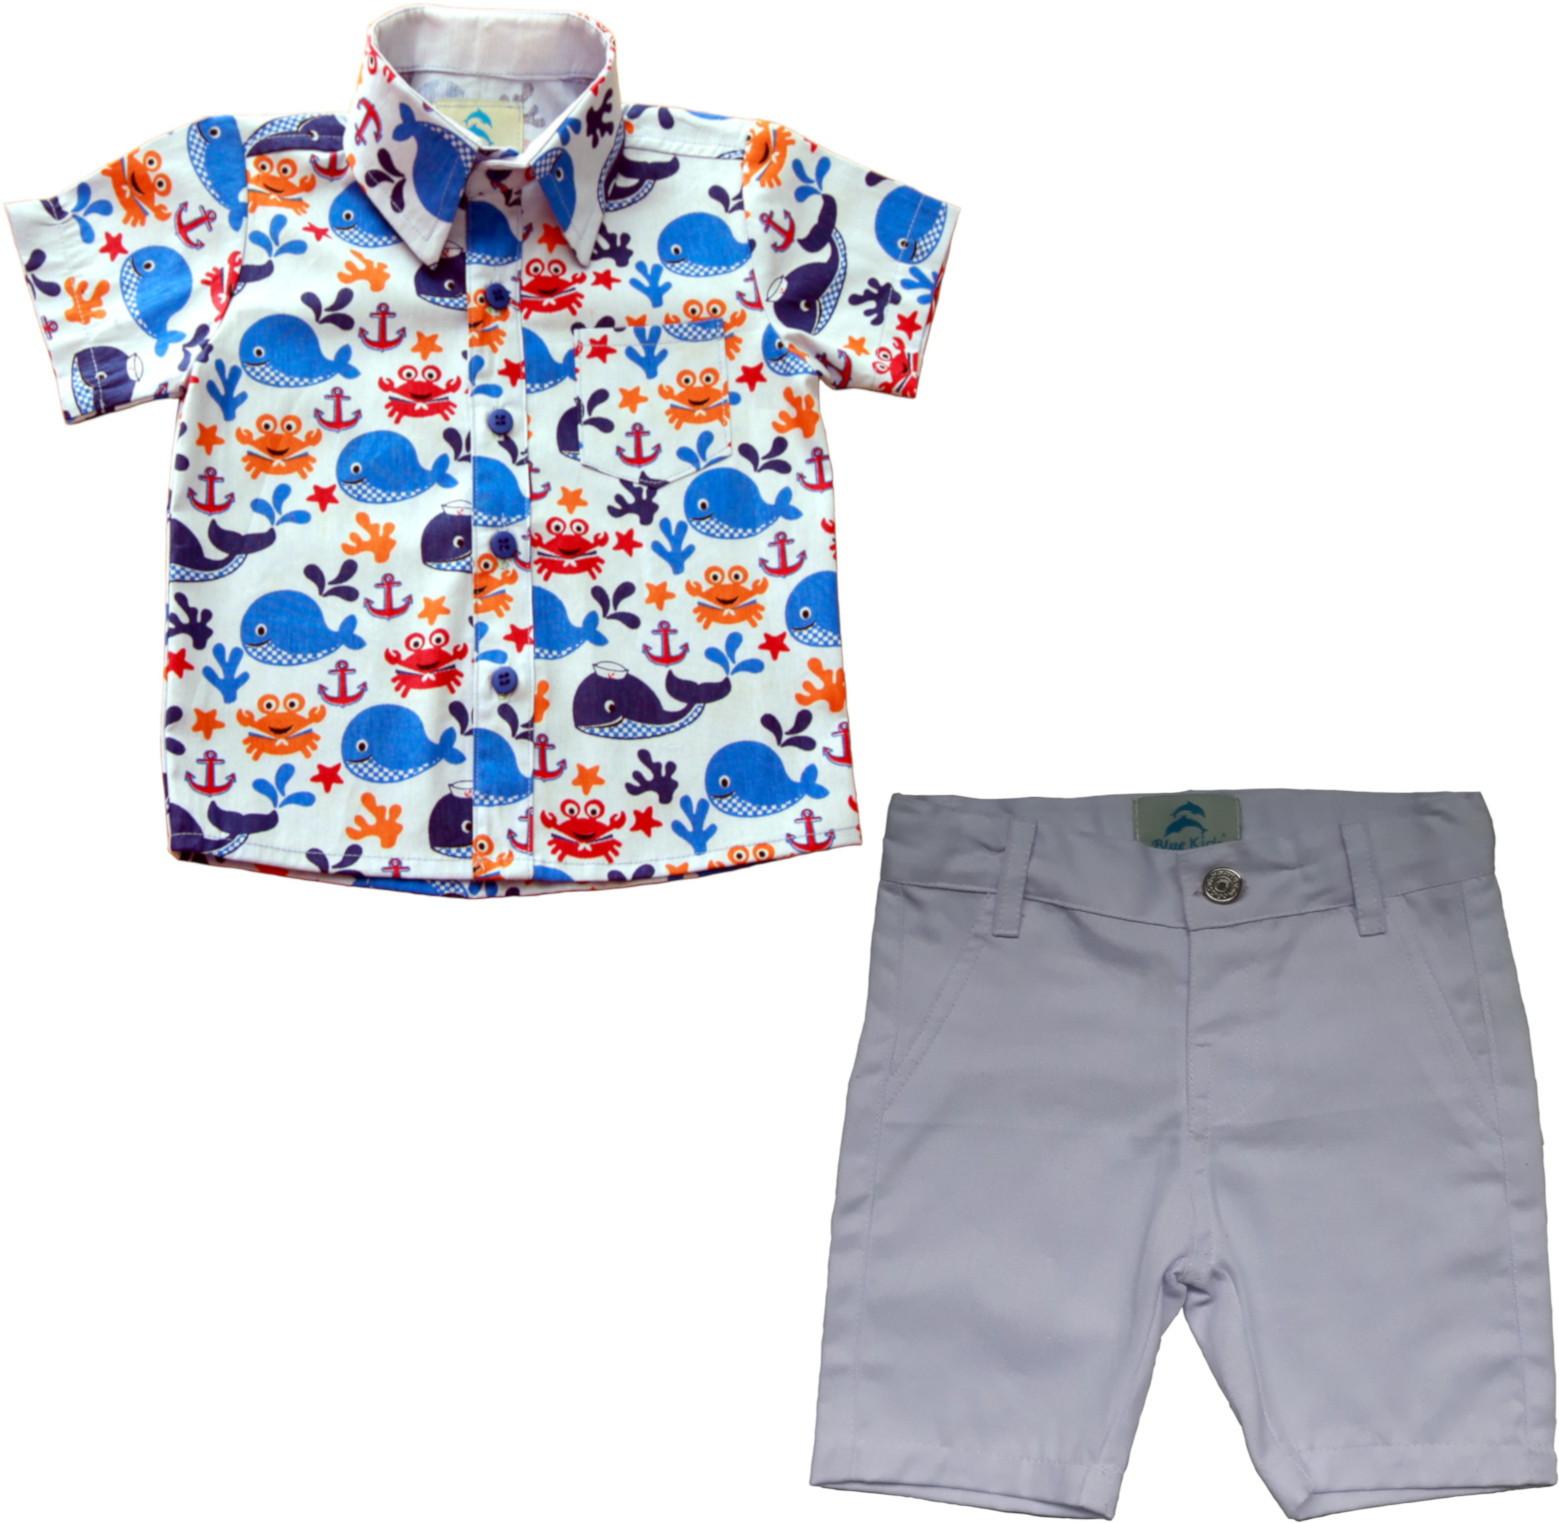 ad73323bdf Camisa Social Infantil Fundo do Mar com Bermuda Branca no Elo7 ...